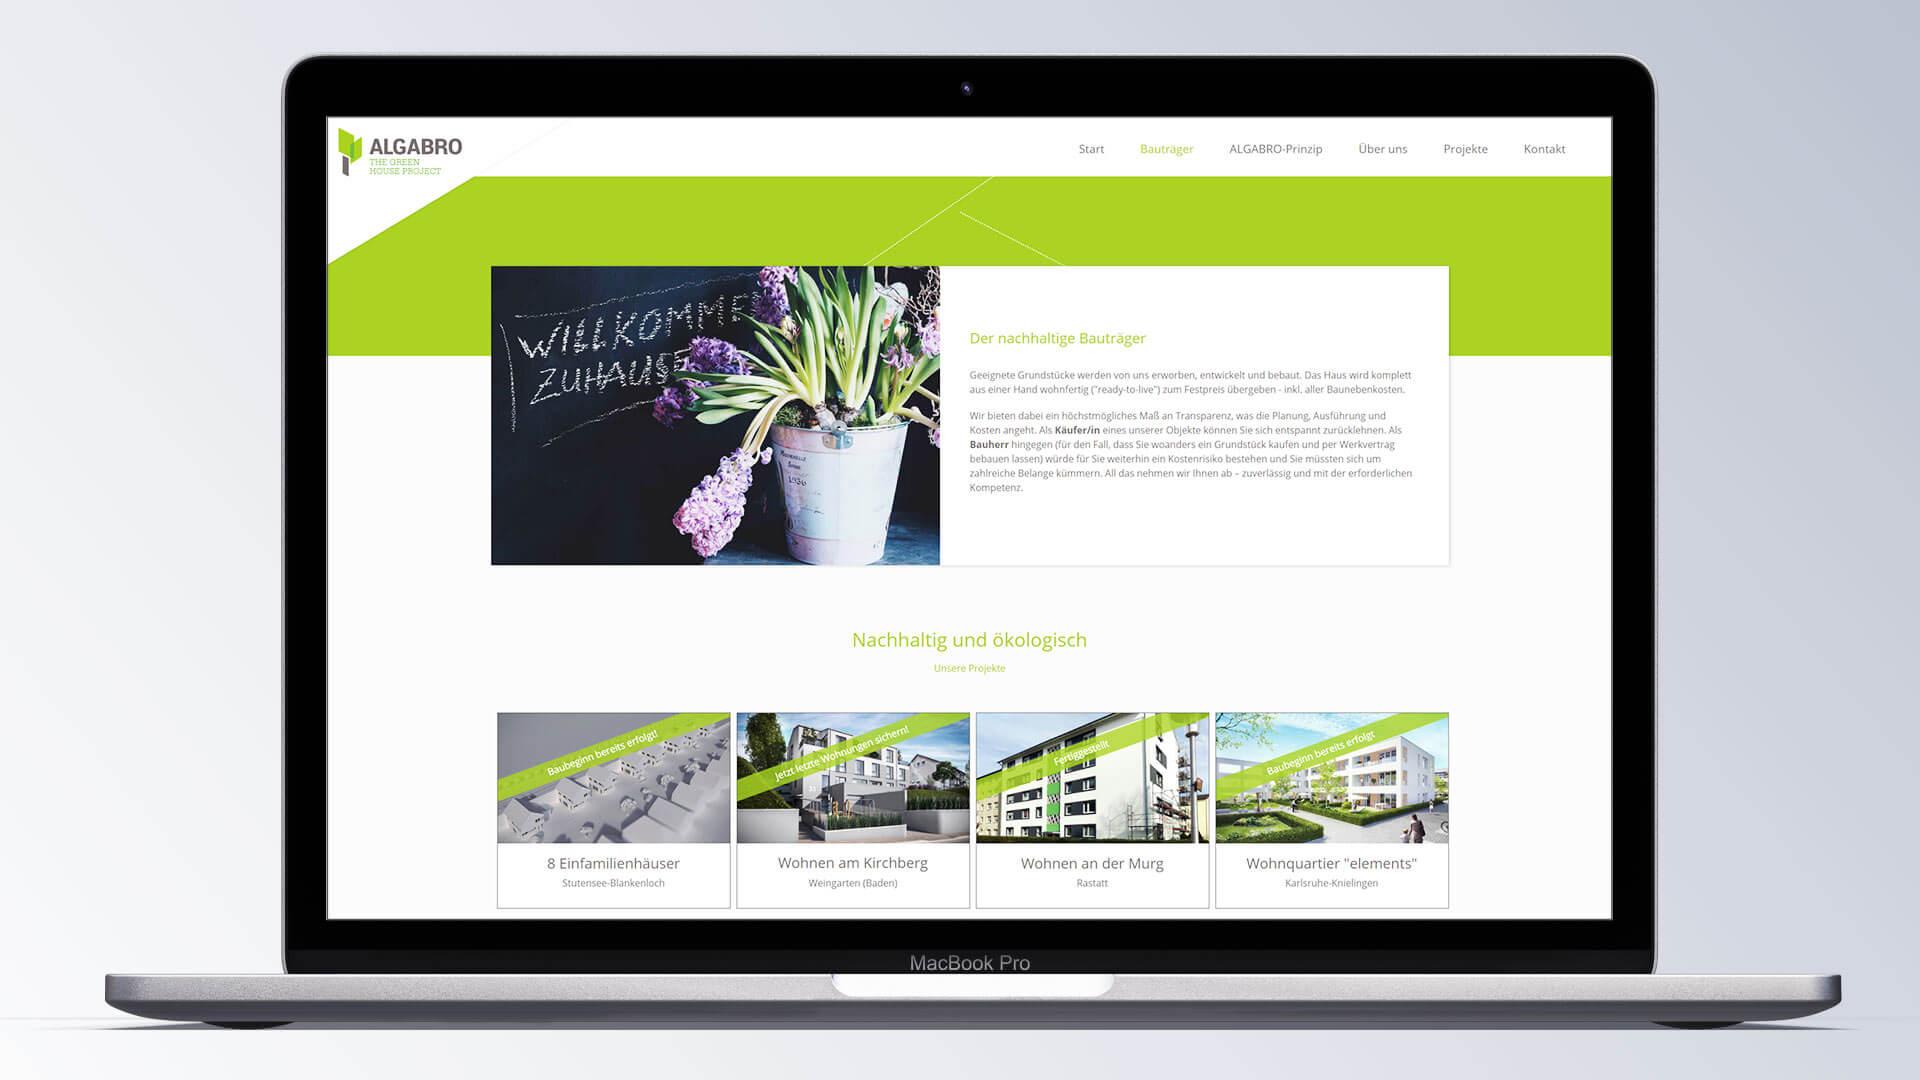 Algabro Bauträger Internetseite